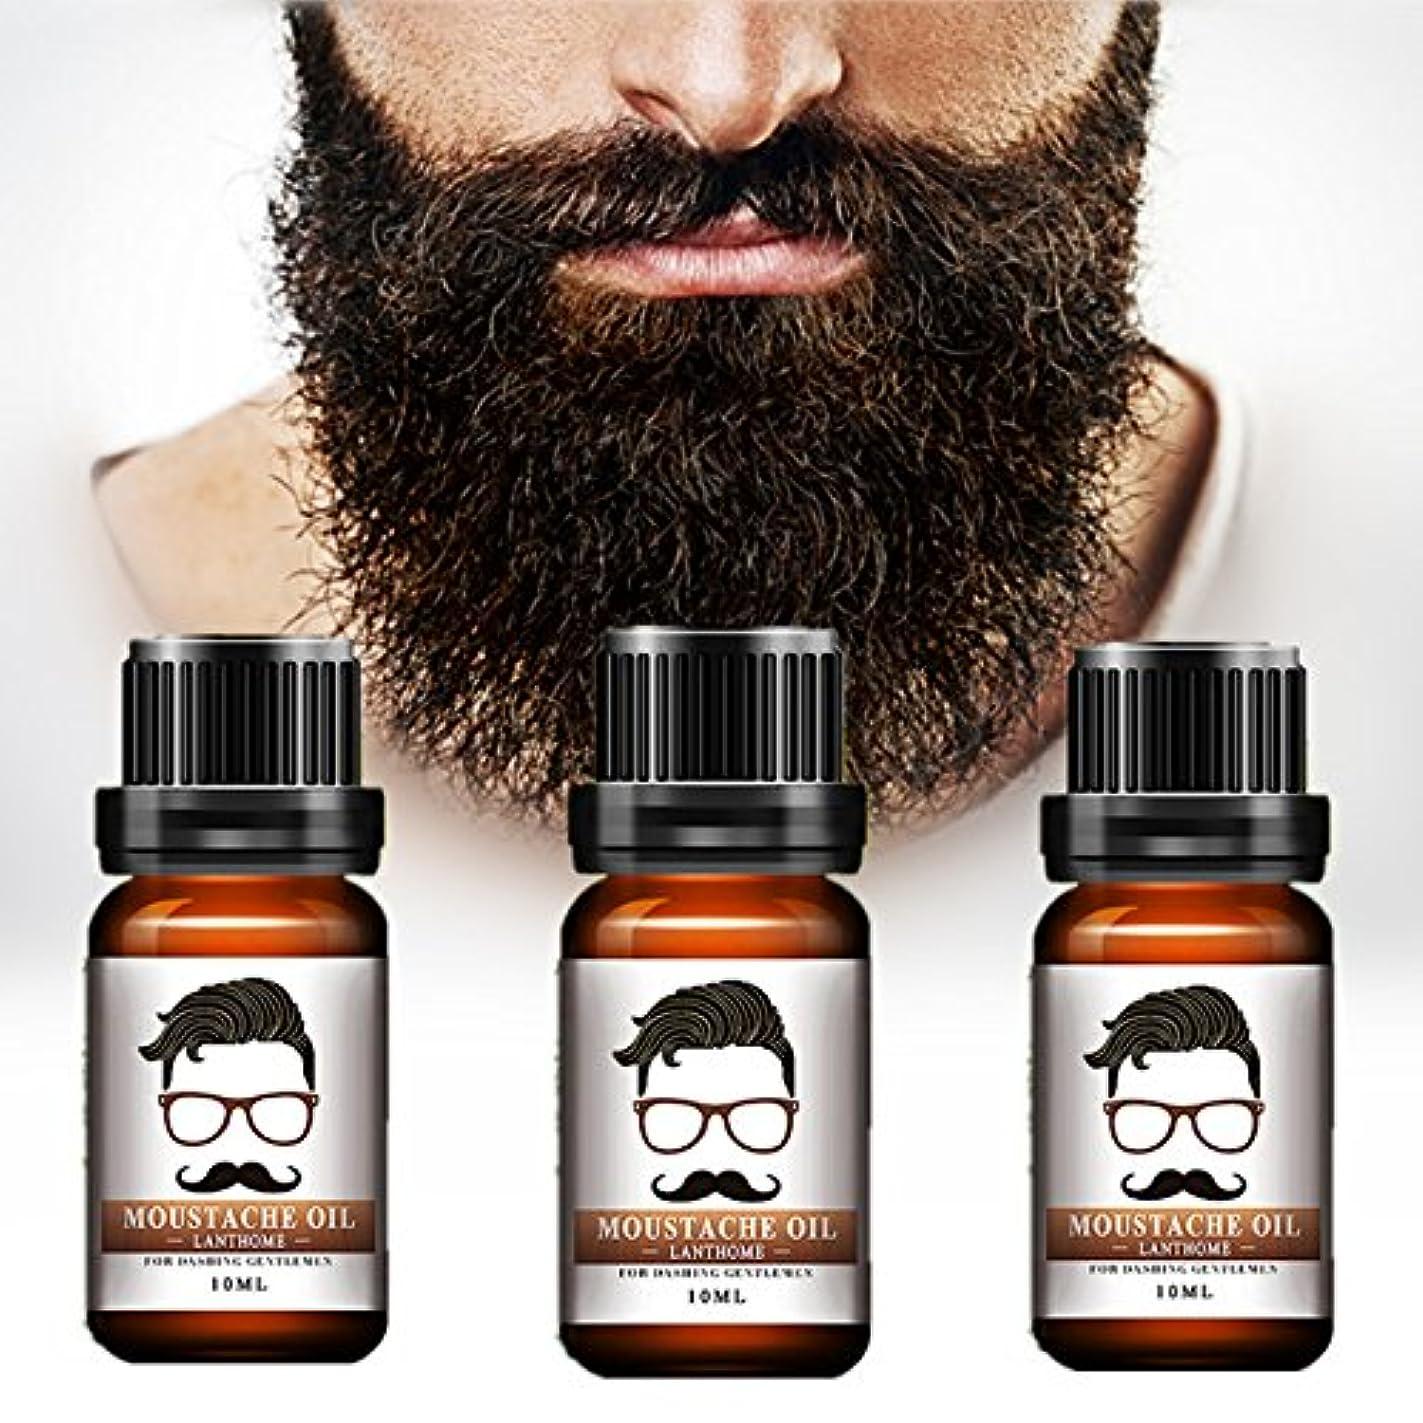 銀行上に築きます城(最高の品質と価格)3個x 10mlエッセンシャル(polygonum、生姜、人参)オイル男性用ひげ、口ひげ、育毛厚くトリートメントサンバースト円形脱毛症 ((Best Quality & Price) 3 Pieces x 10Ml Essential (polygonum, ginger and ginseng) Oil For Men Beard & Mustache & Hair Growth Thicker Treatment Sunburst Alopecia Serum)